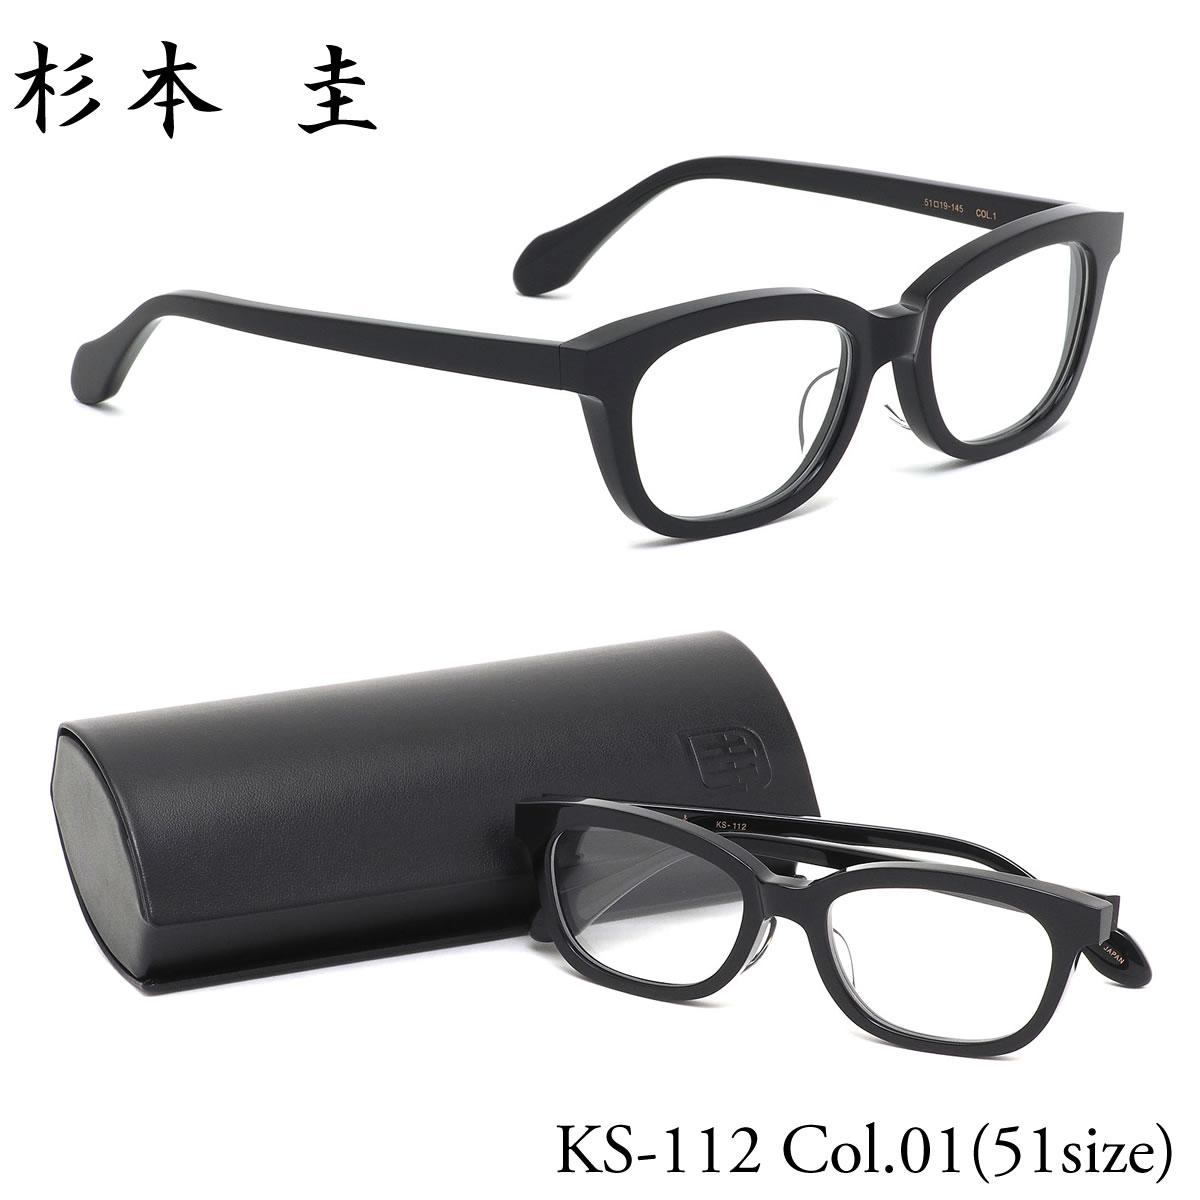 ほぼ全品ポイント15倍~最大43倍+3倍!お得なクーポンも! 杉本圭 スギモトケイ メガネKS-112 01 51サイズSUGIMOTO KEI ウェリントン 日本製 MADE IN JAPAN 職人技メンズ レディース